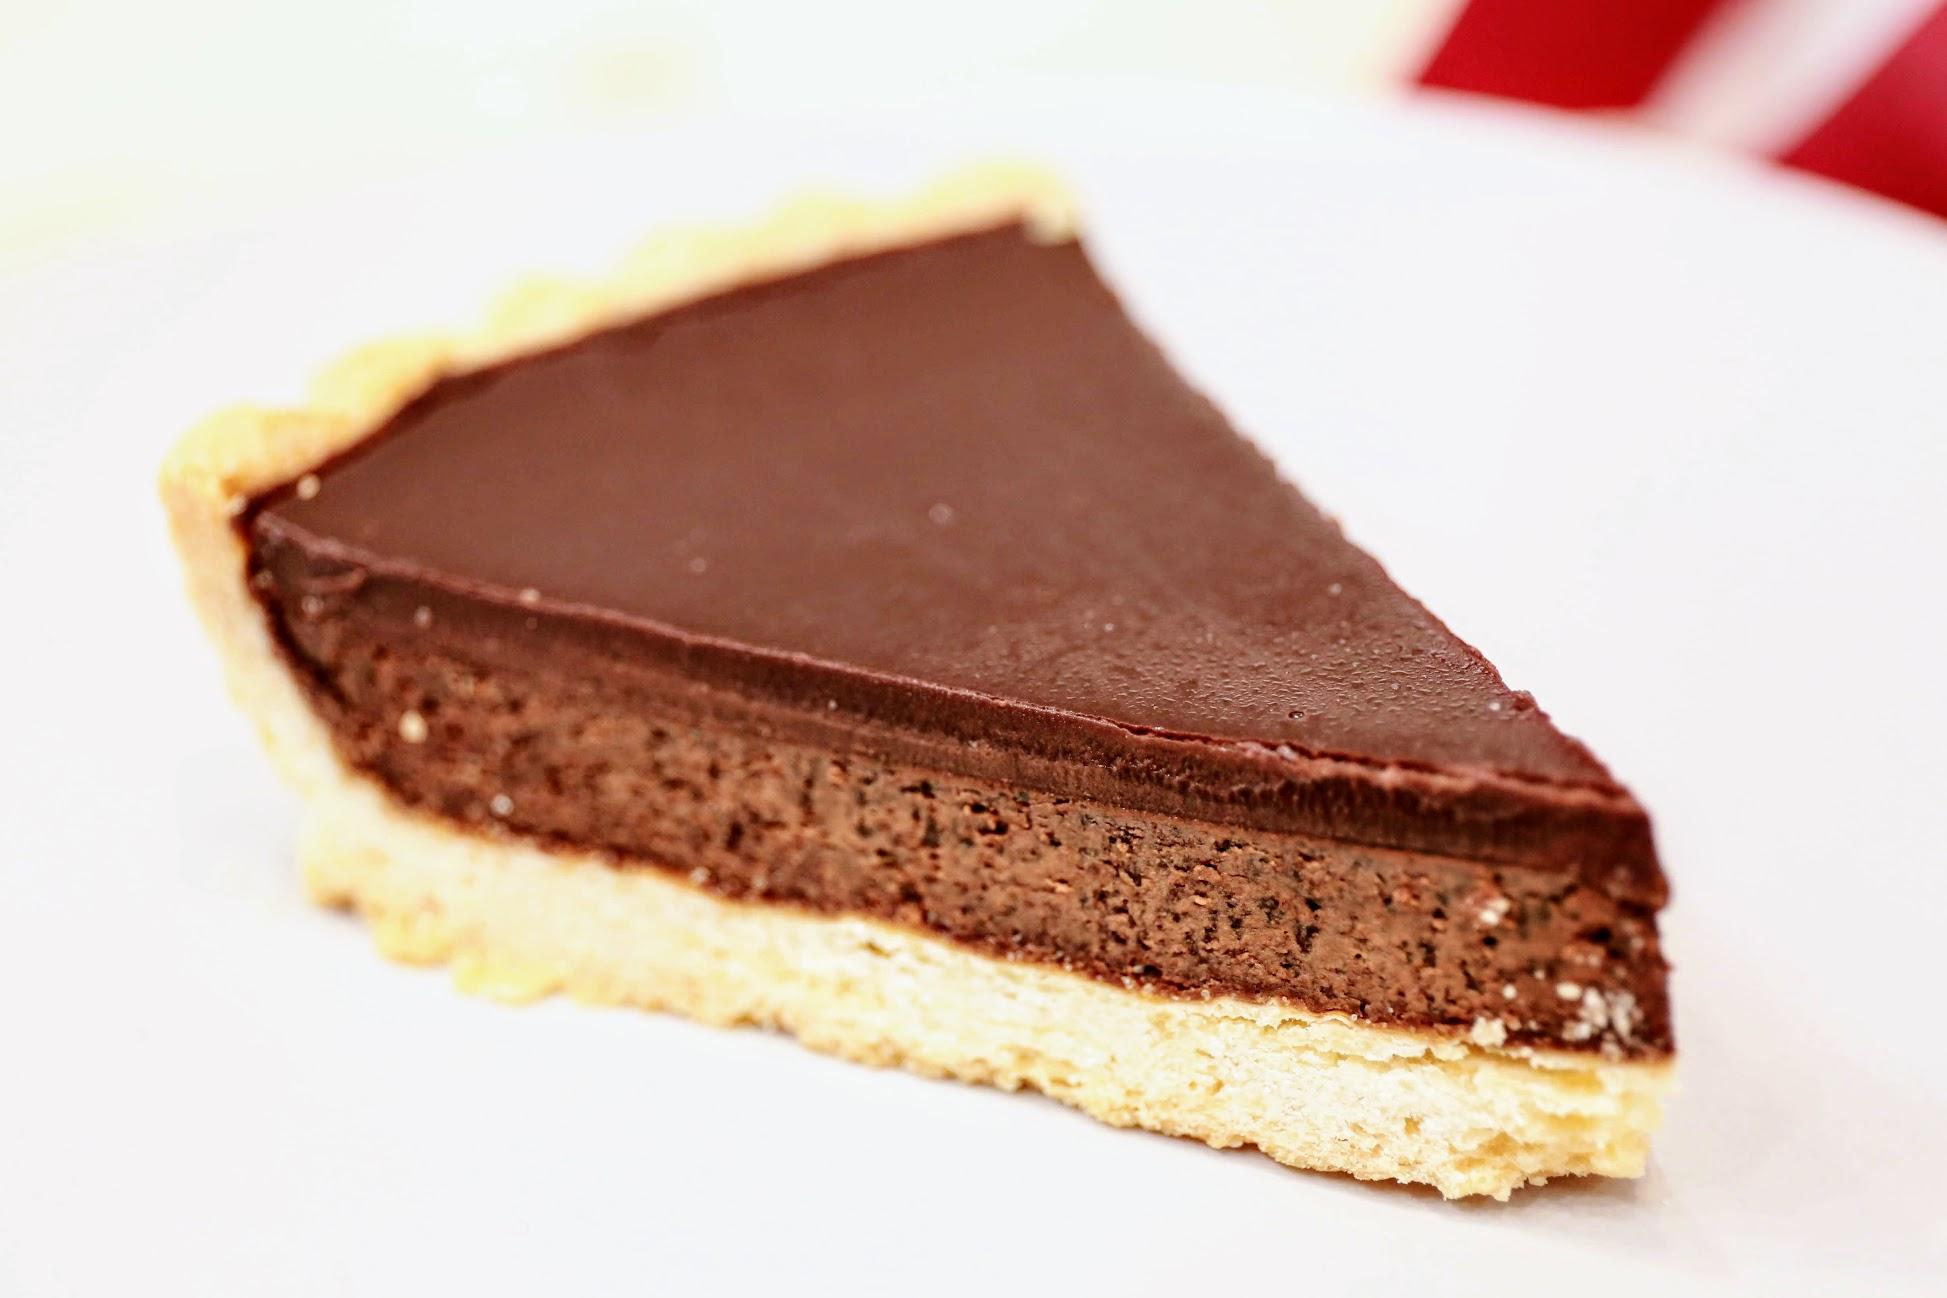 吃起來沒有甜膩膩的,個人覺得甜味恰好 (個人還蠻愛好甜食的..)